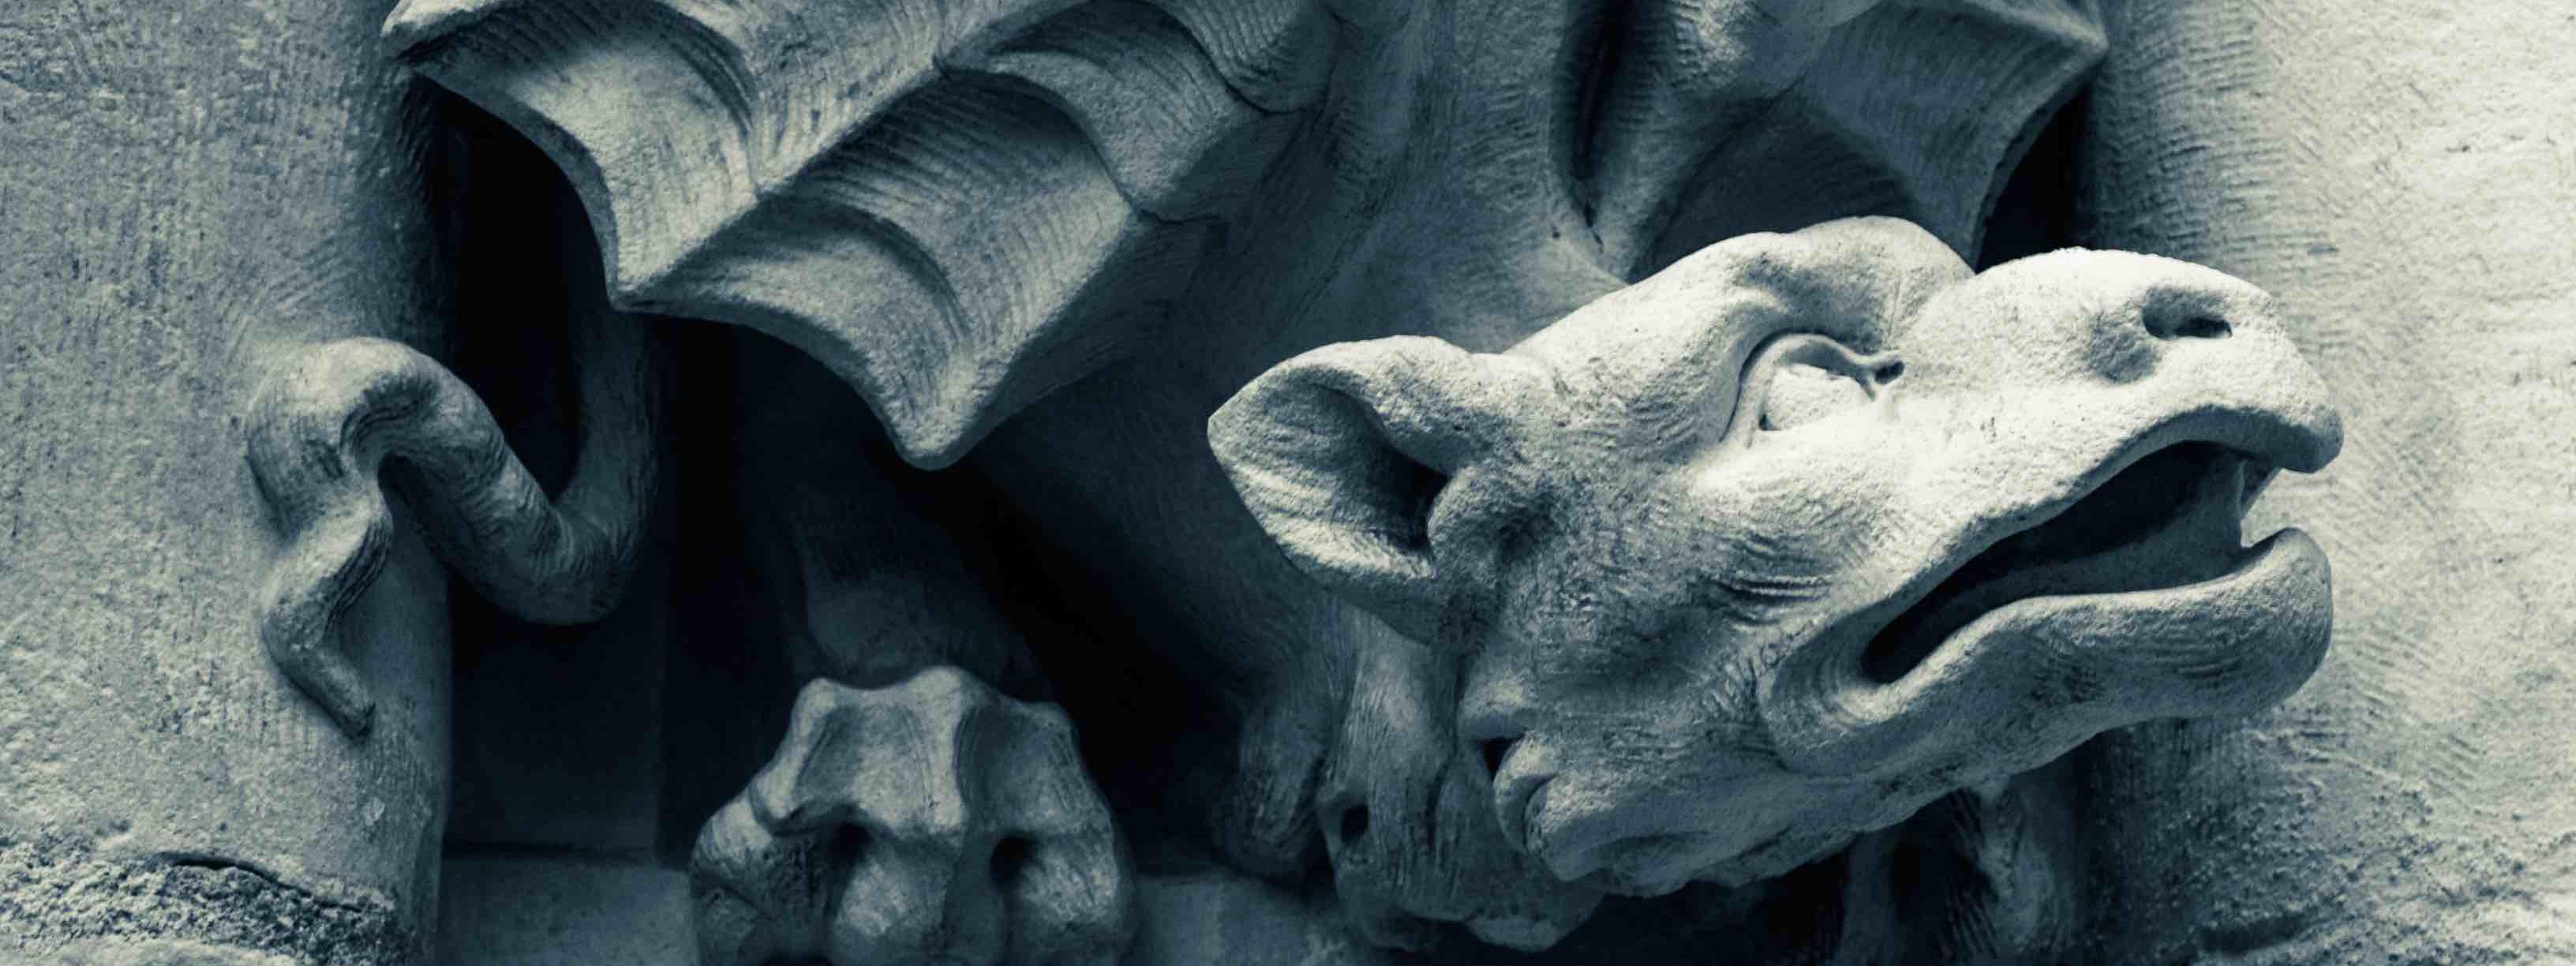 Photo représentant une sculpture en pierre de dragon. Le dragon est recroquevillé et regarde en l'air, bouche ouverte